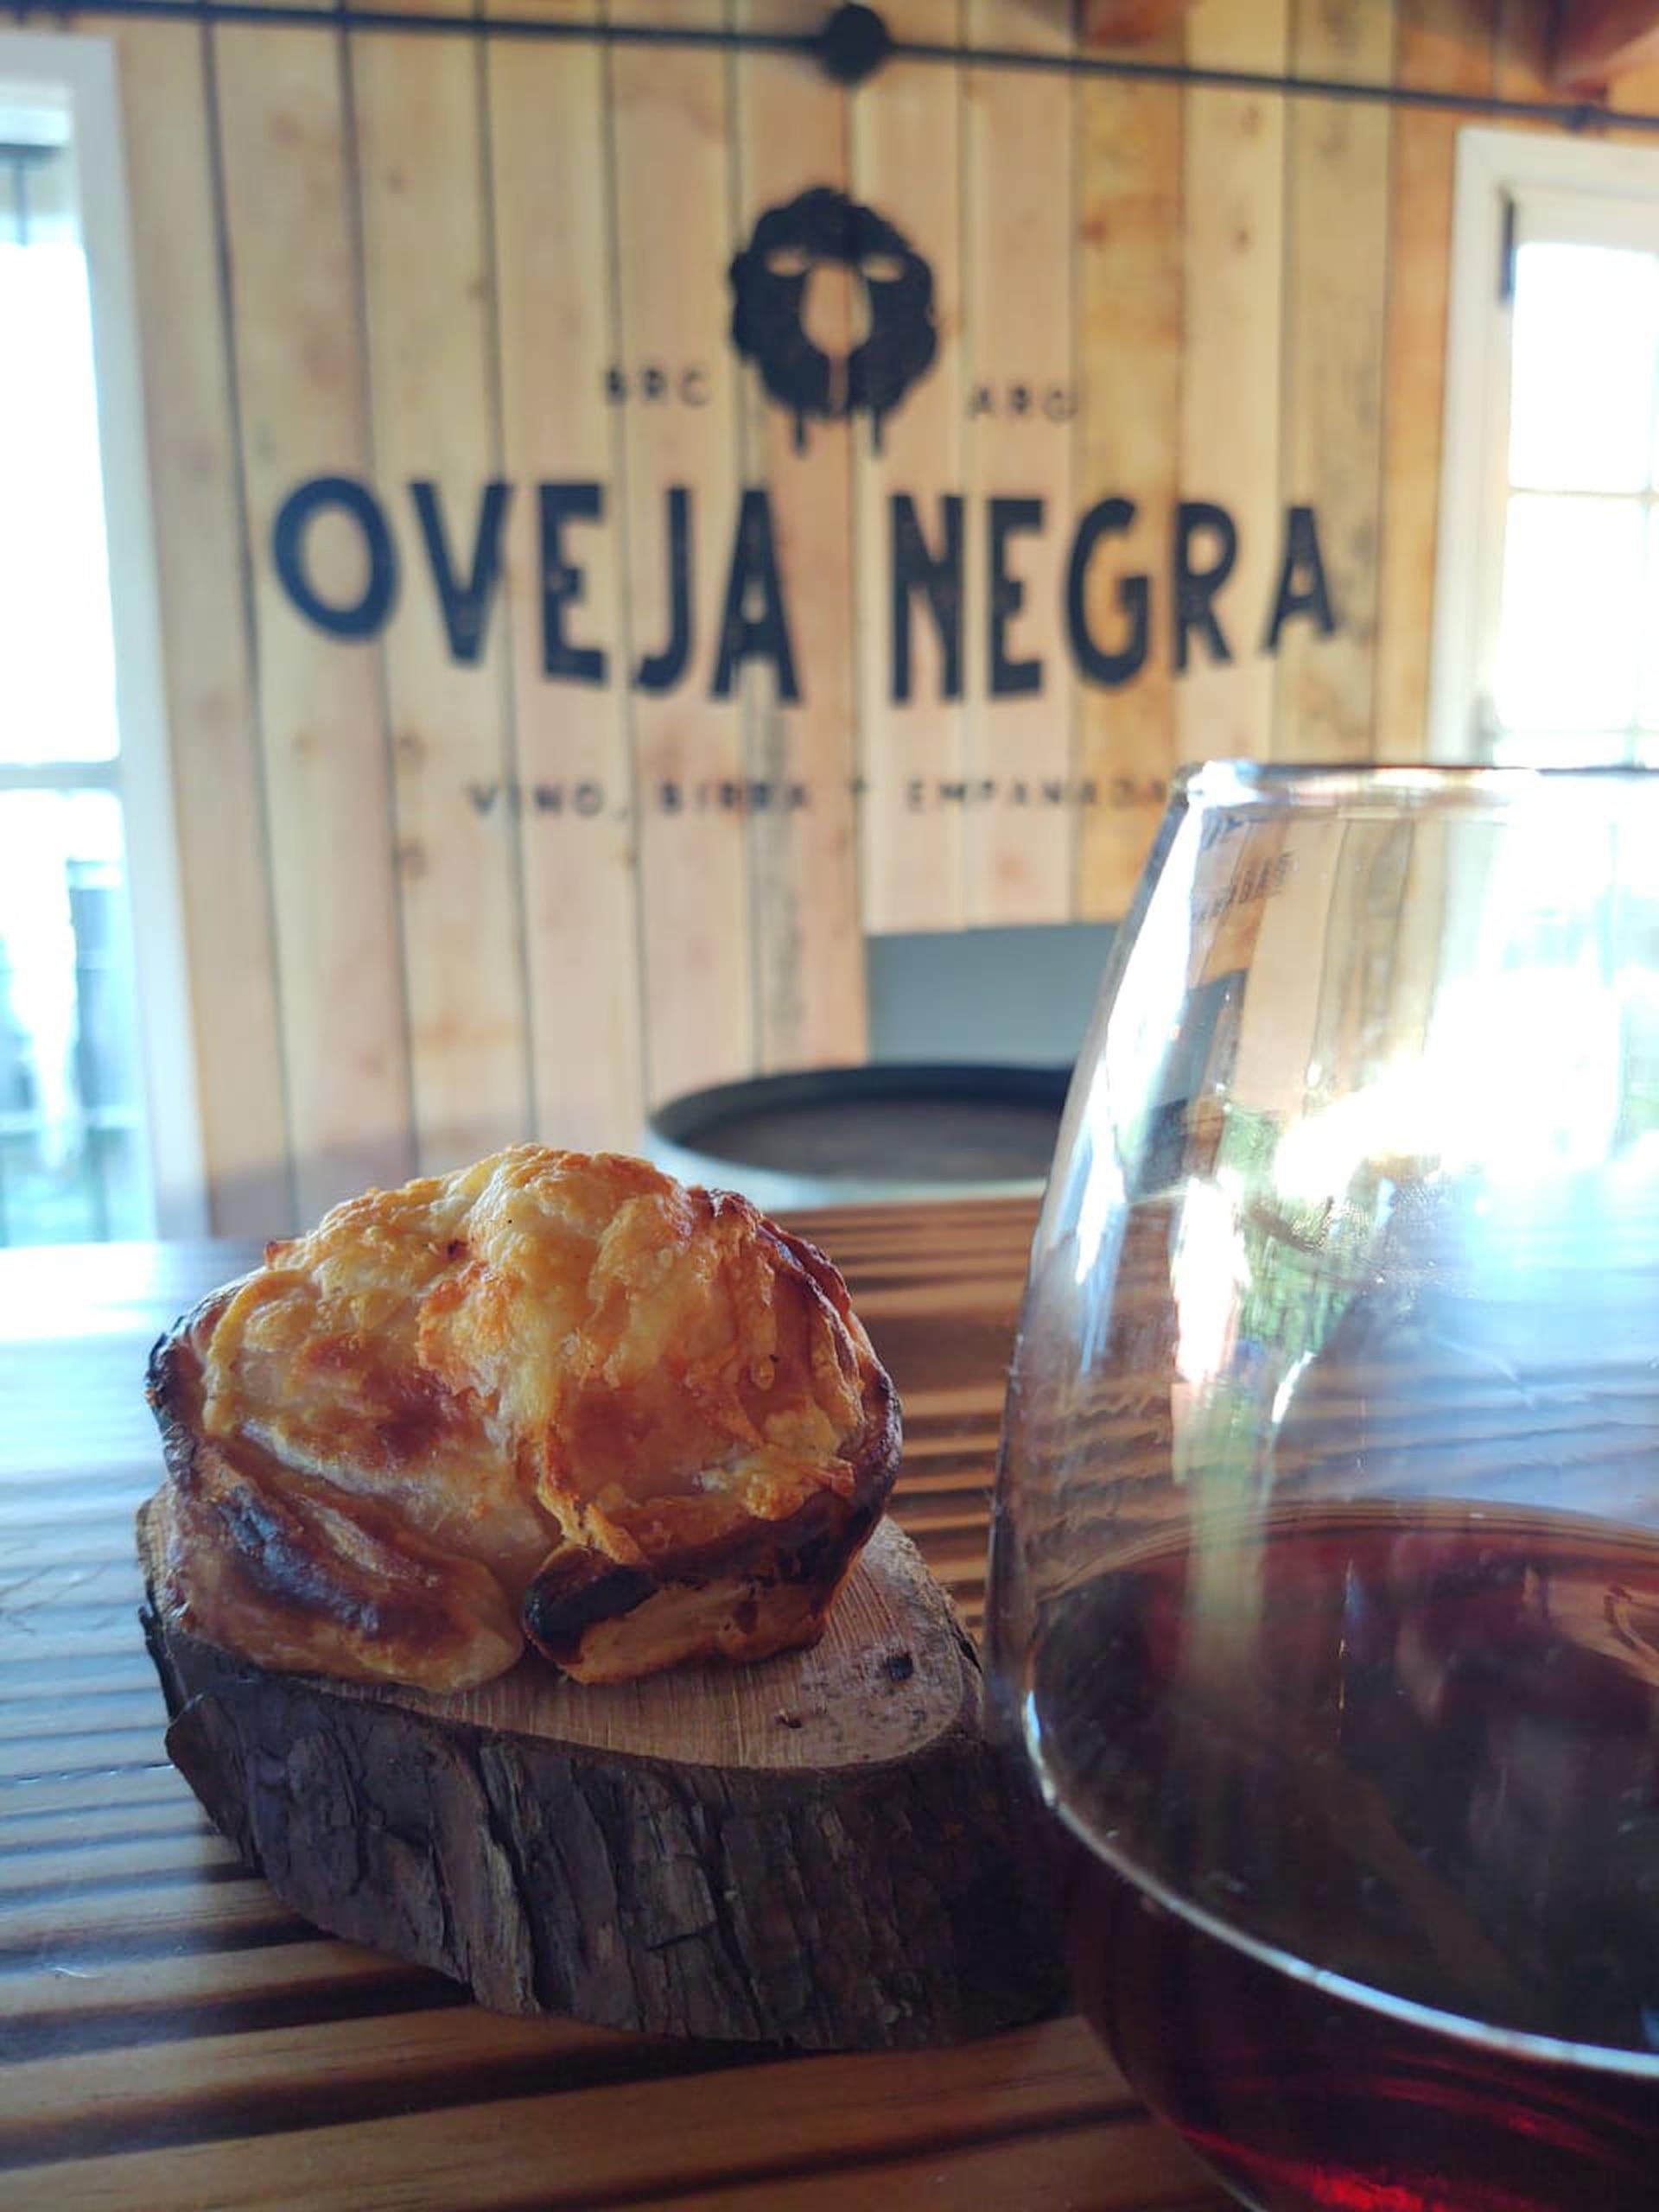 Las empanadas de Oveja Negra, flamante apertura en el km 13,5 de la Avenida Bustillo